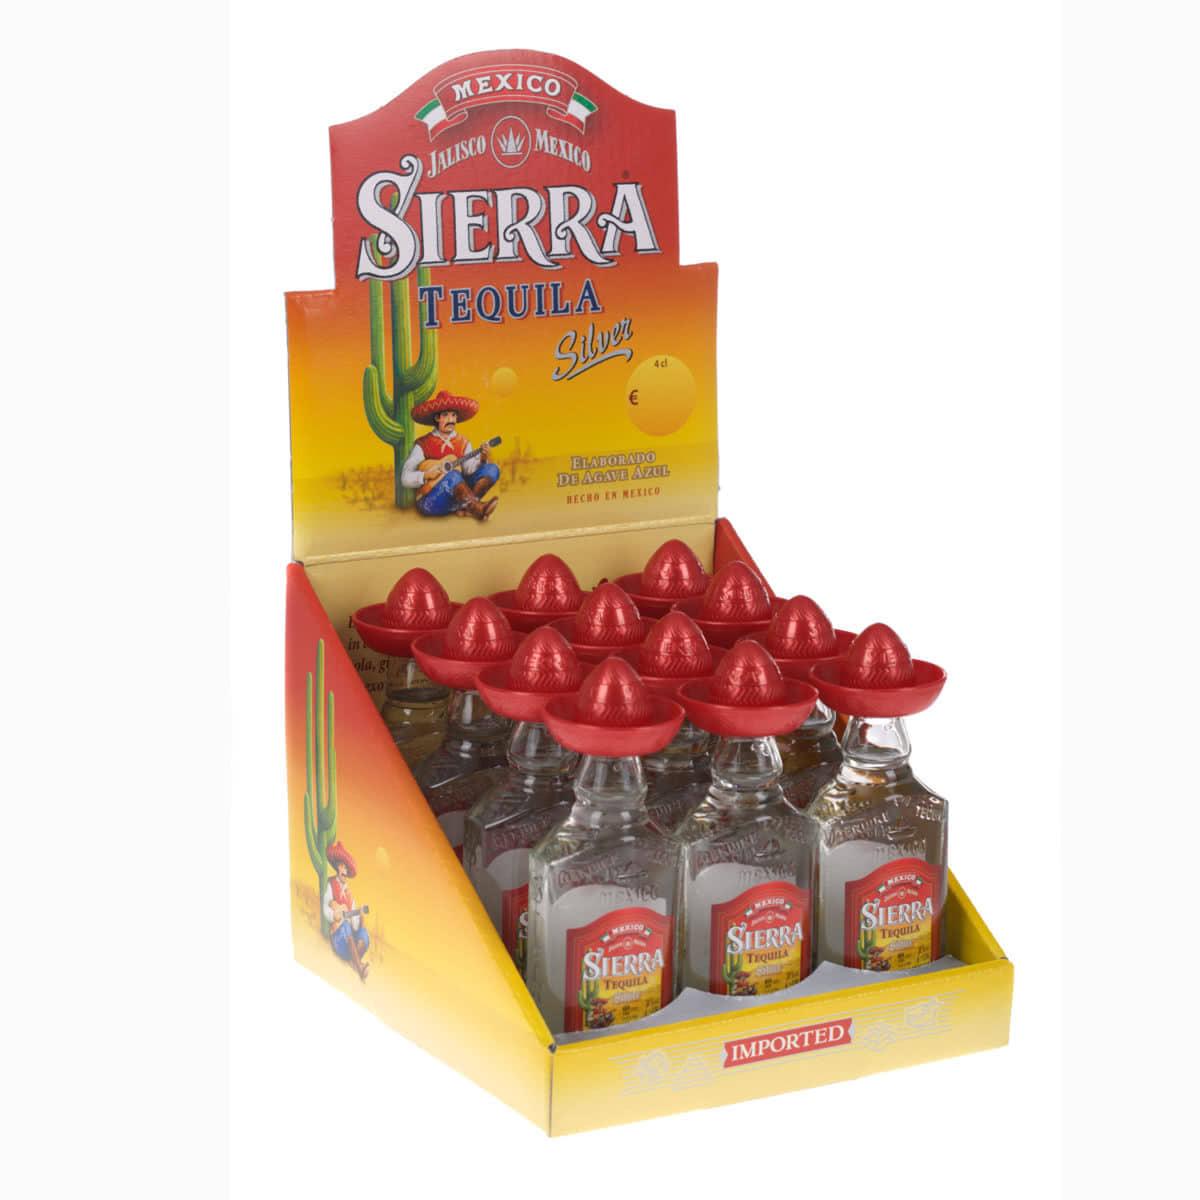 tequila Sierra Сиерра